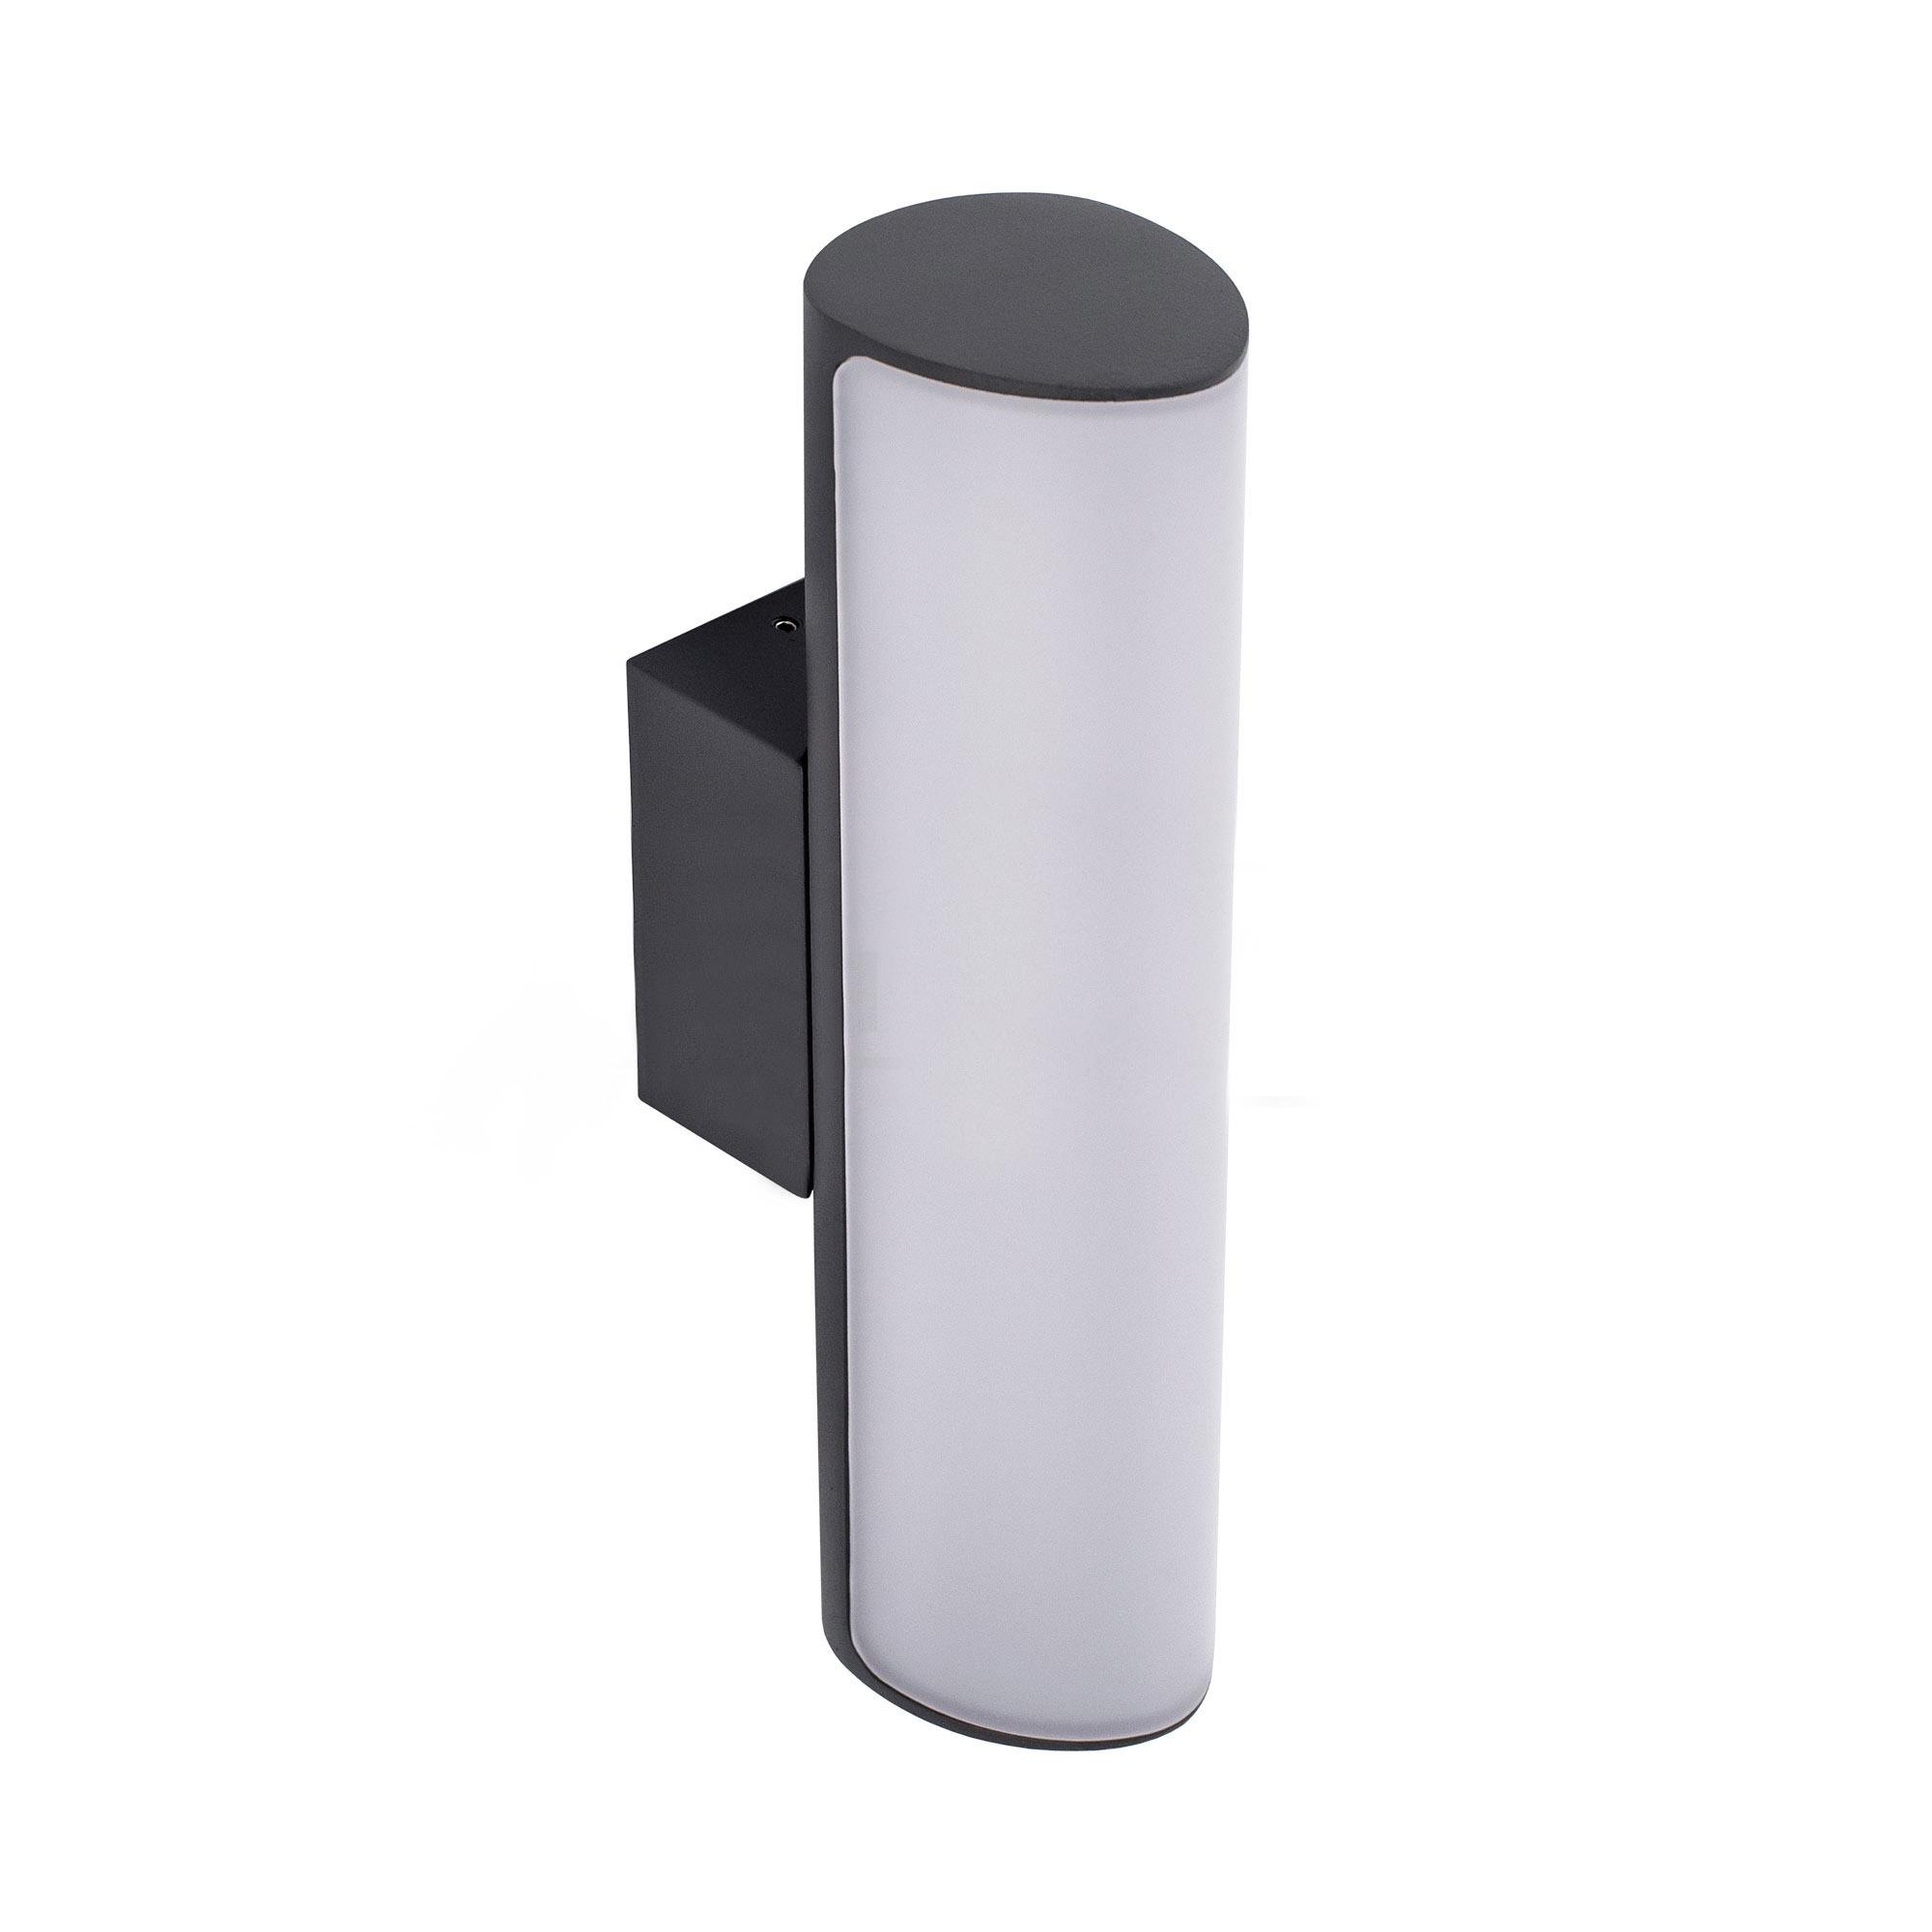 Уличный настенный светильник Светодиодный Citilux CLU0007 уличный настенный светильник светодиодный citilux clu0007